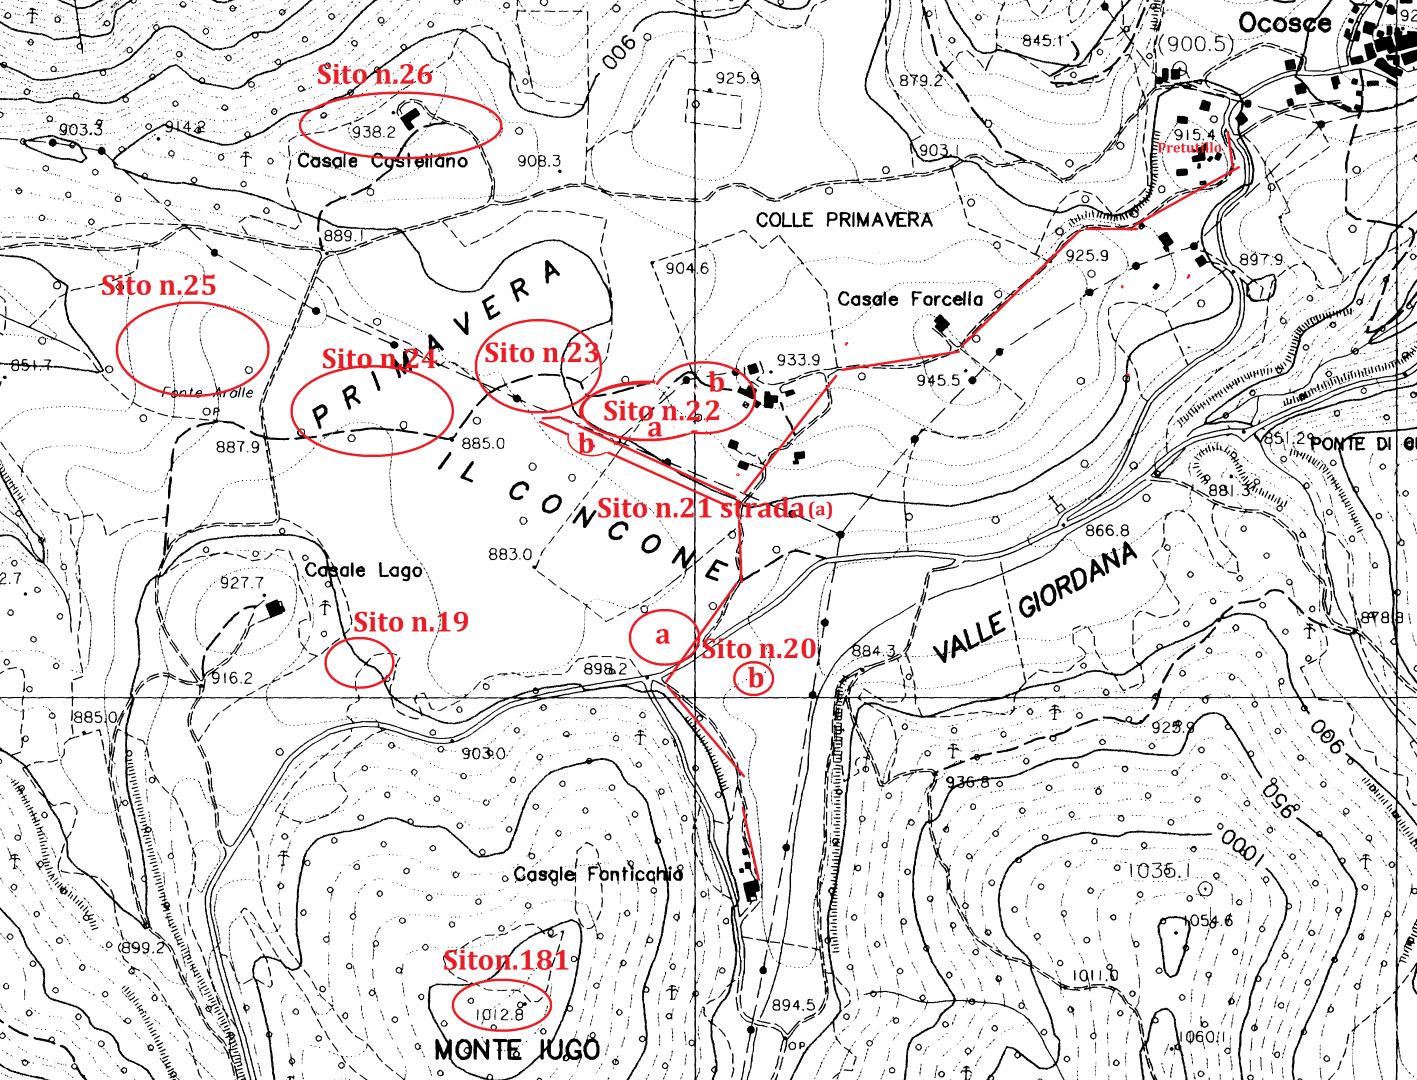 Alle ricognizioni seguì la localizzazione in una carta archeologica territoriale Nella cartina sono localizzati i siti archeologici dei Casali di Ocosce